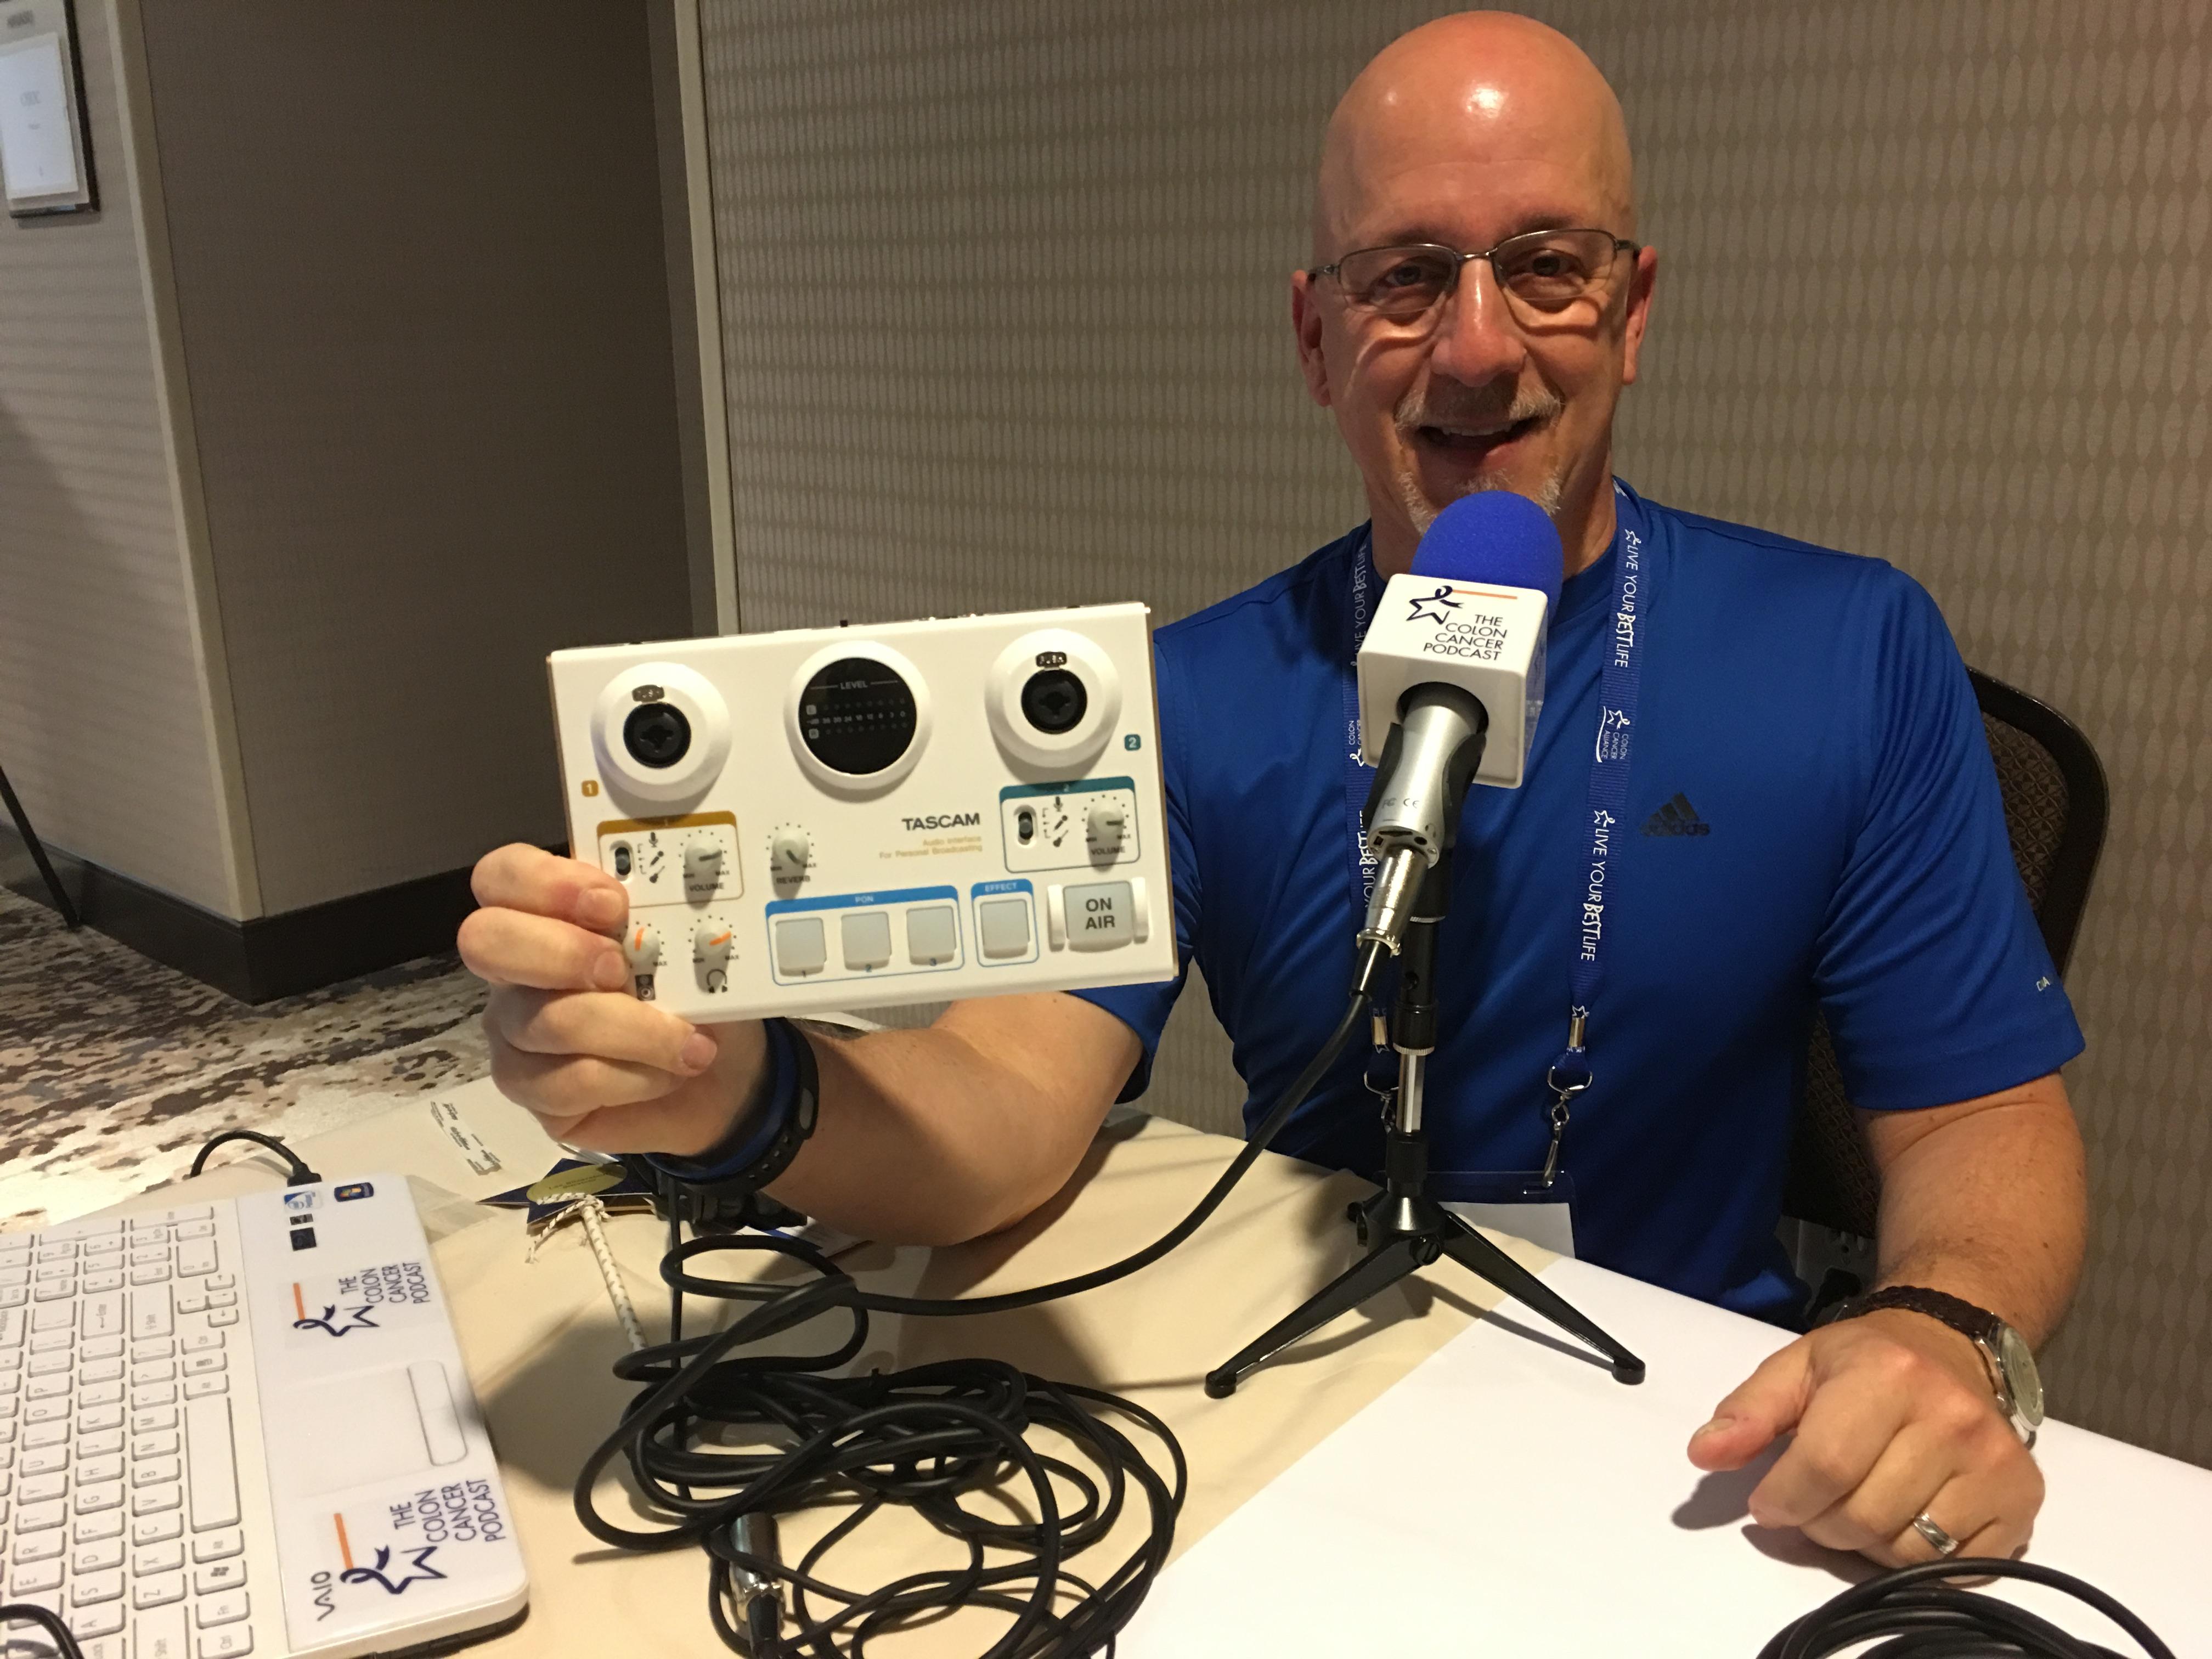 News Ministudio Creator Us 42 A Key Tool For Colon Cancer Podcast Tascam